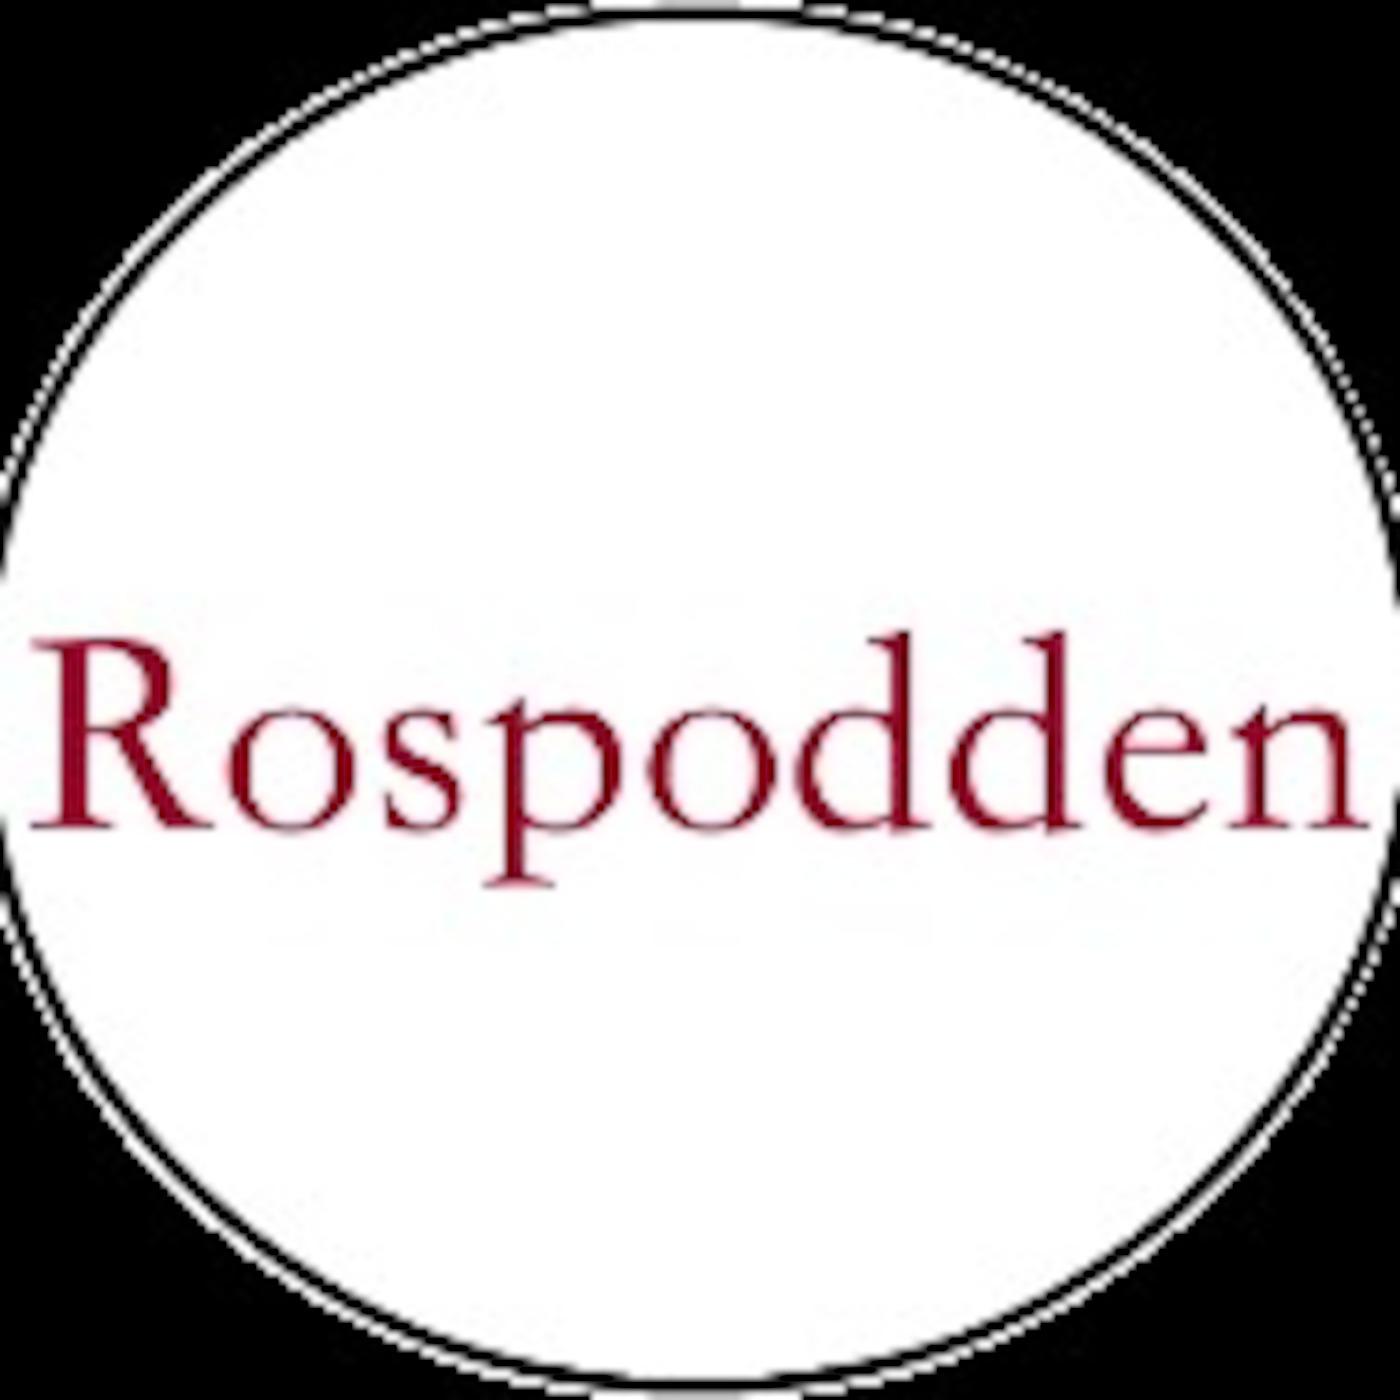 Rospodden